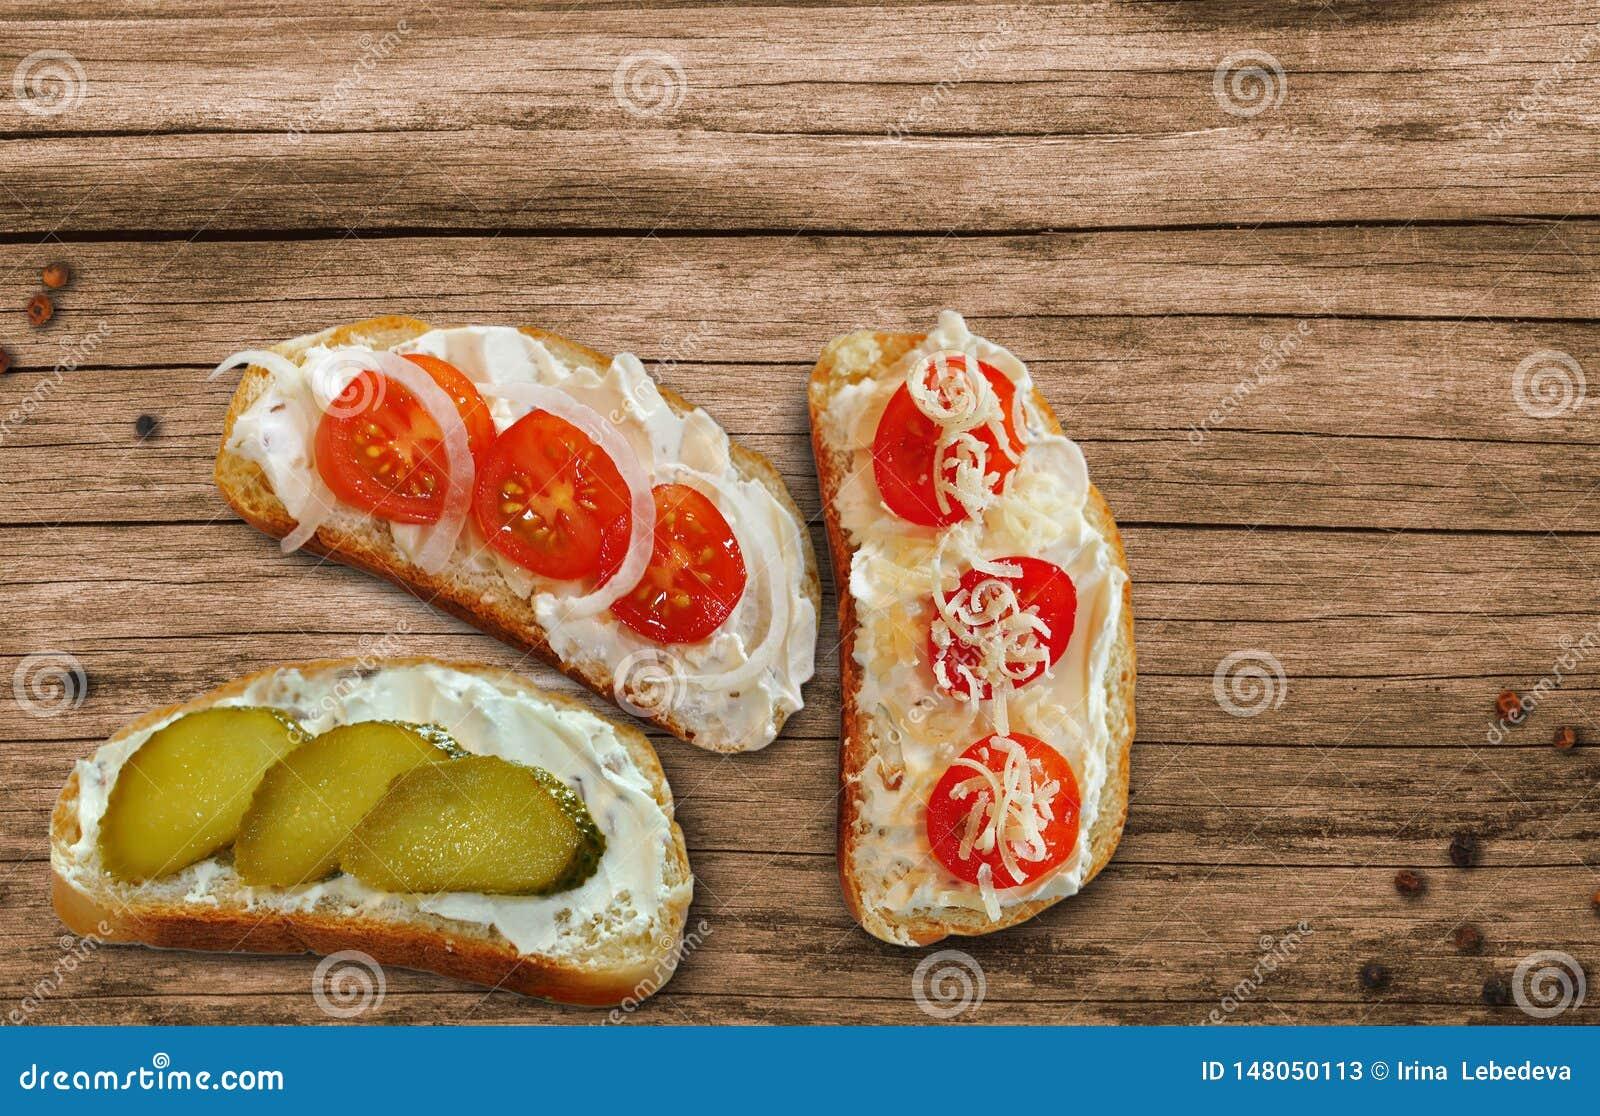 Sandwiche mit Käse, Kirschtomaten und Gurken mit Hüttenkäsepaste auf einem Holztisch